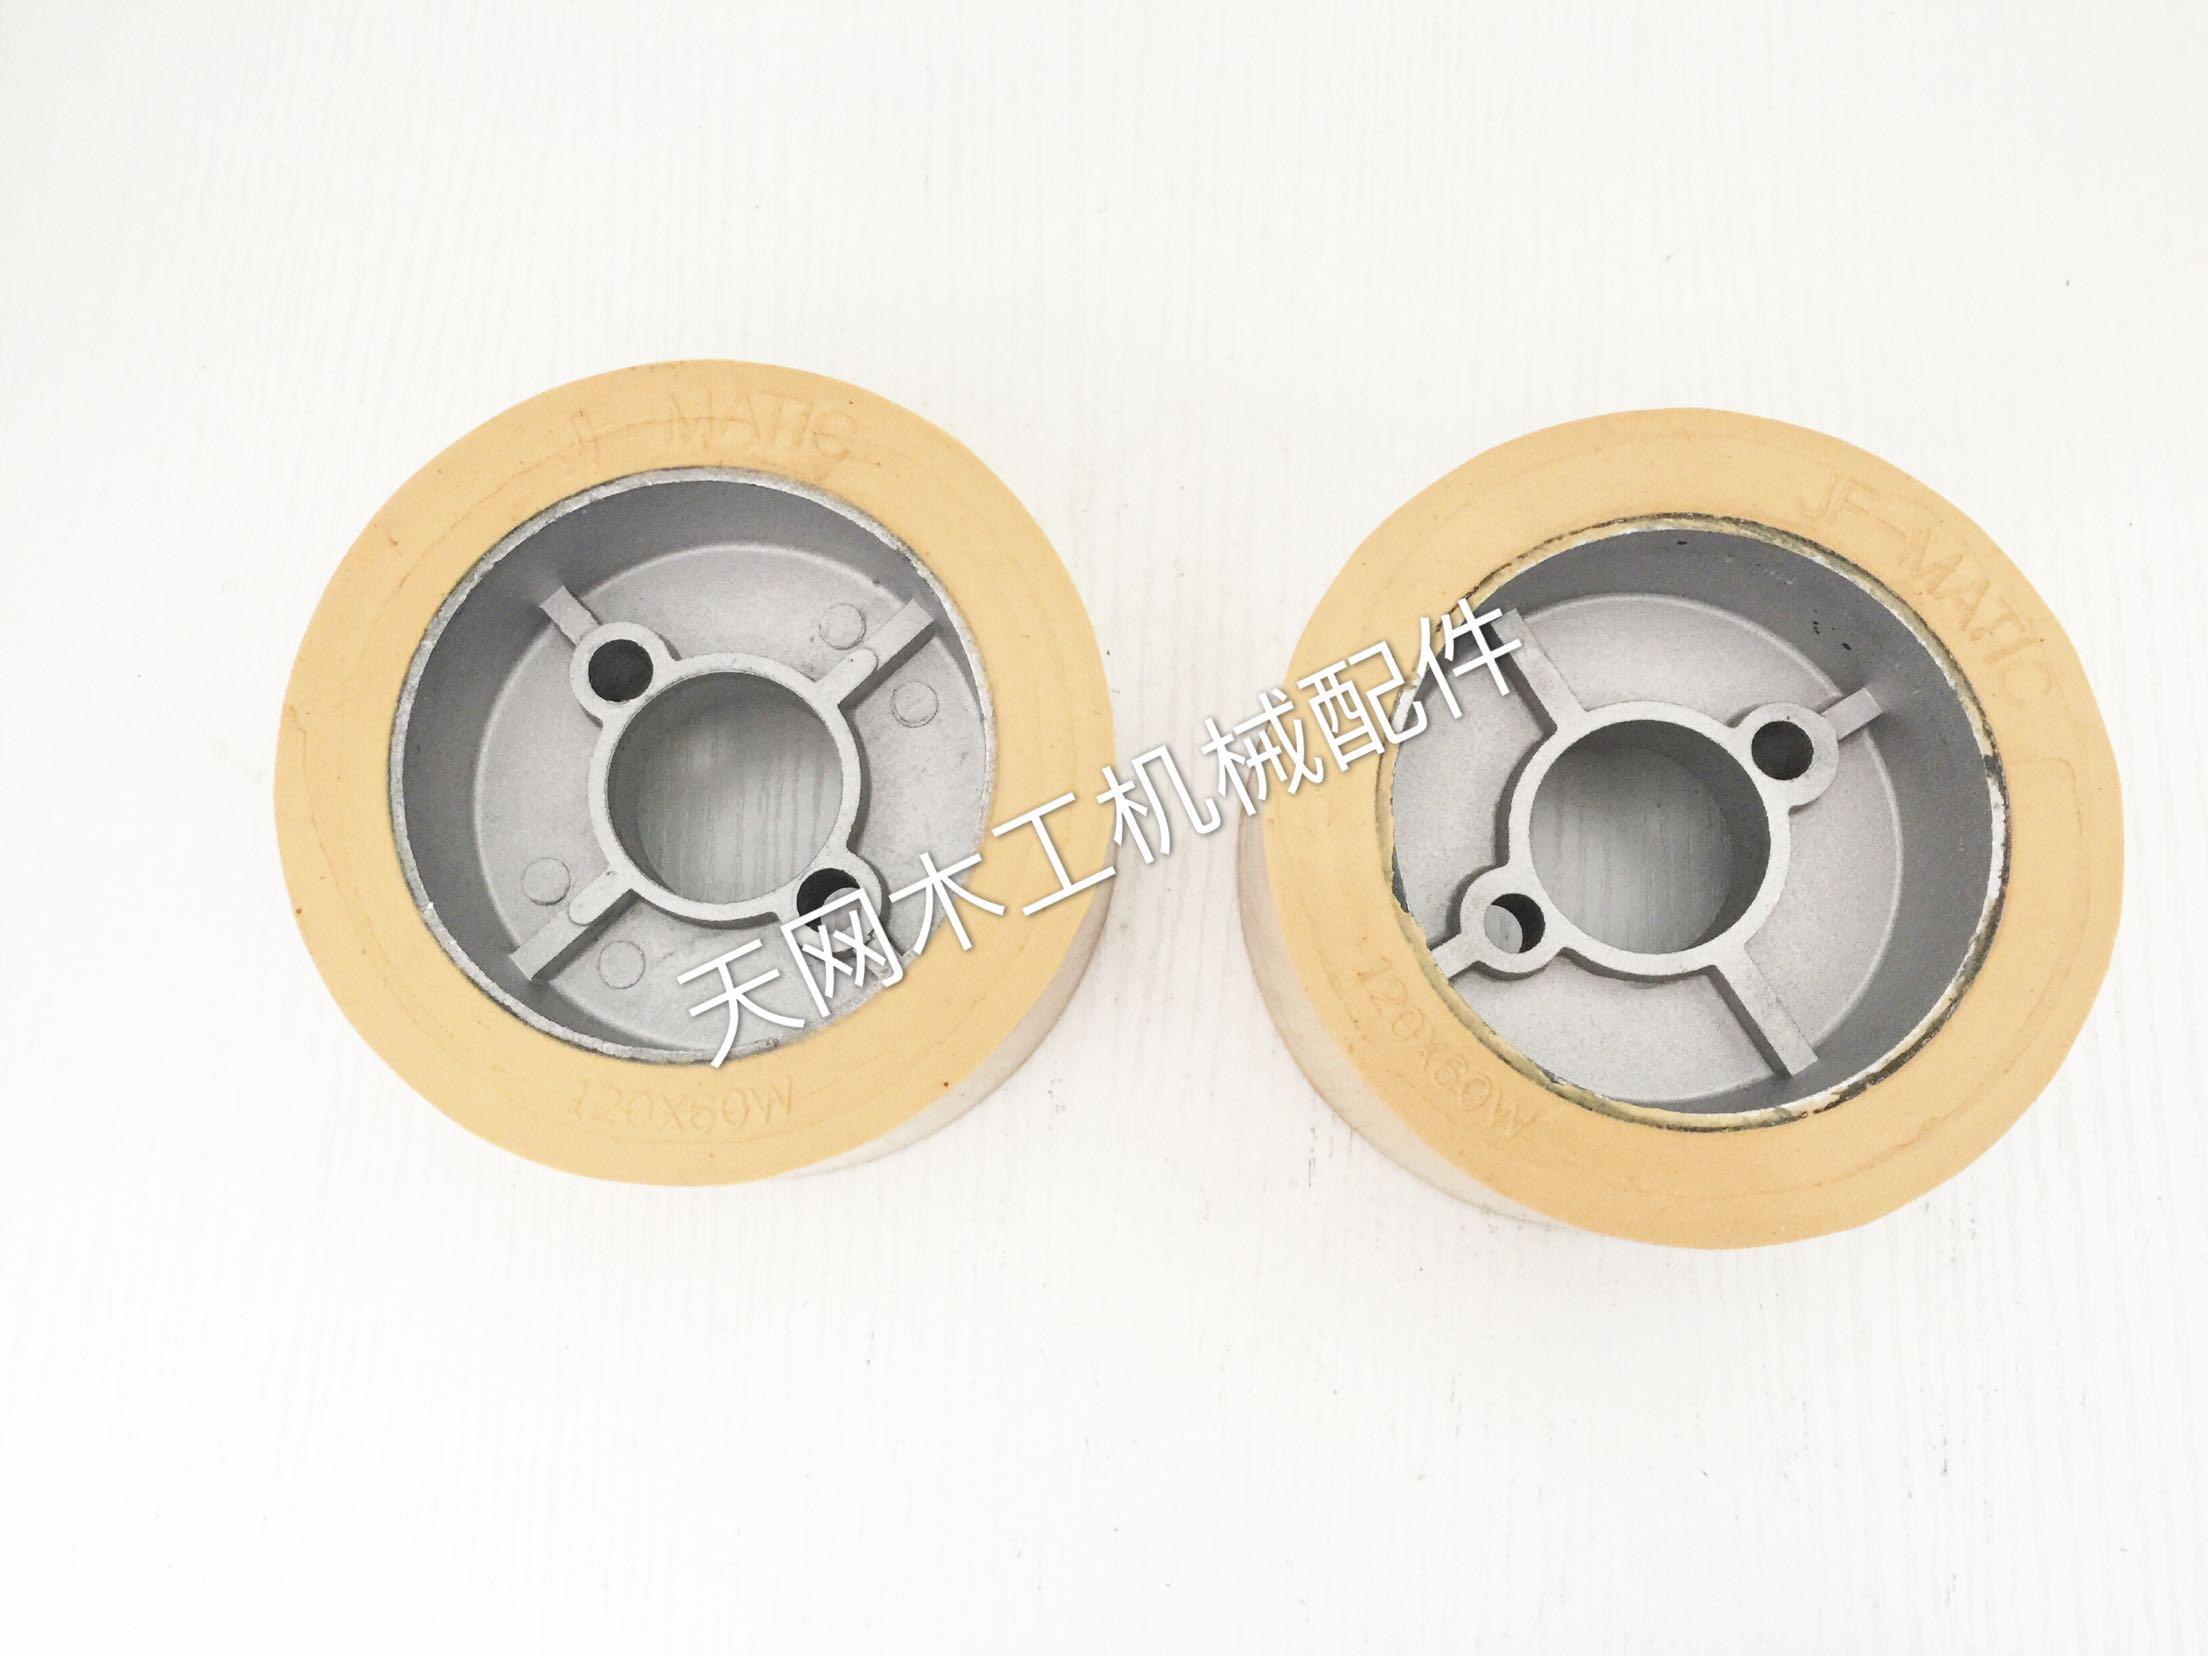 10PCS Beit Dongsenxing Feeder Feeding Wheel Feeding Wheel Rubber Wheel Pressing Wheel Woodworking Machinery Parts